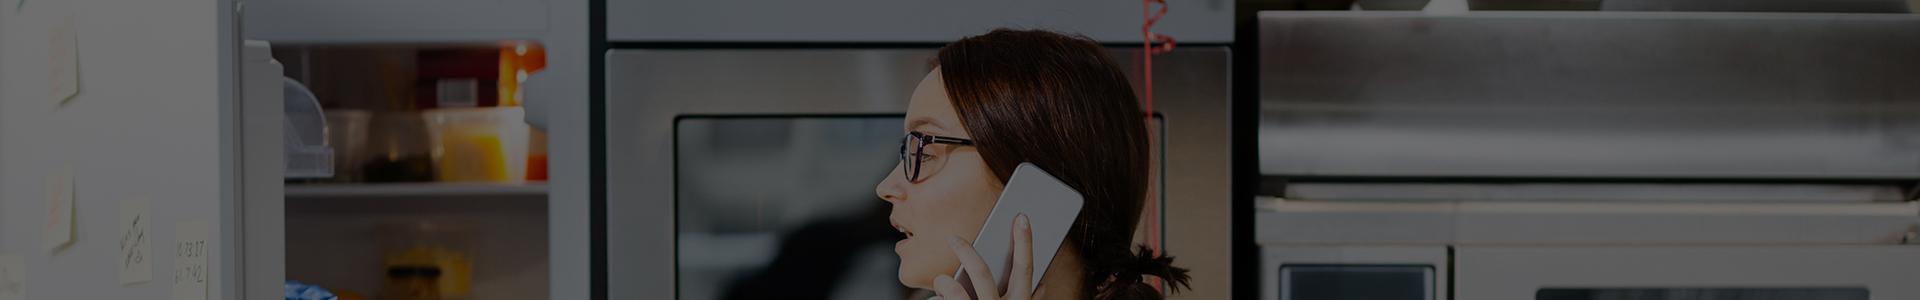 Žena hovorí po telefóne